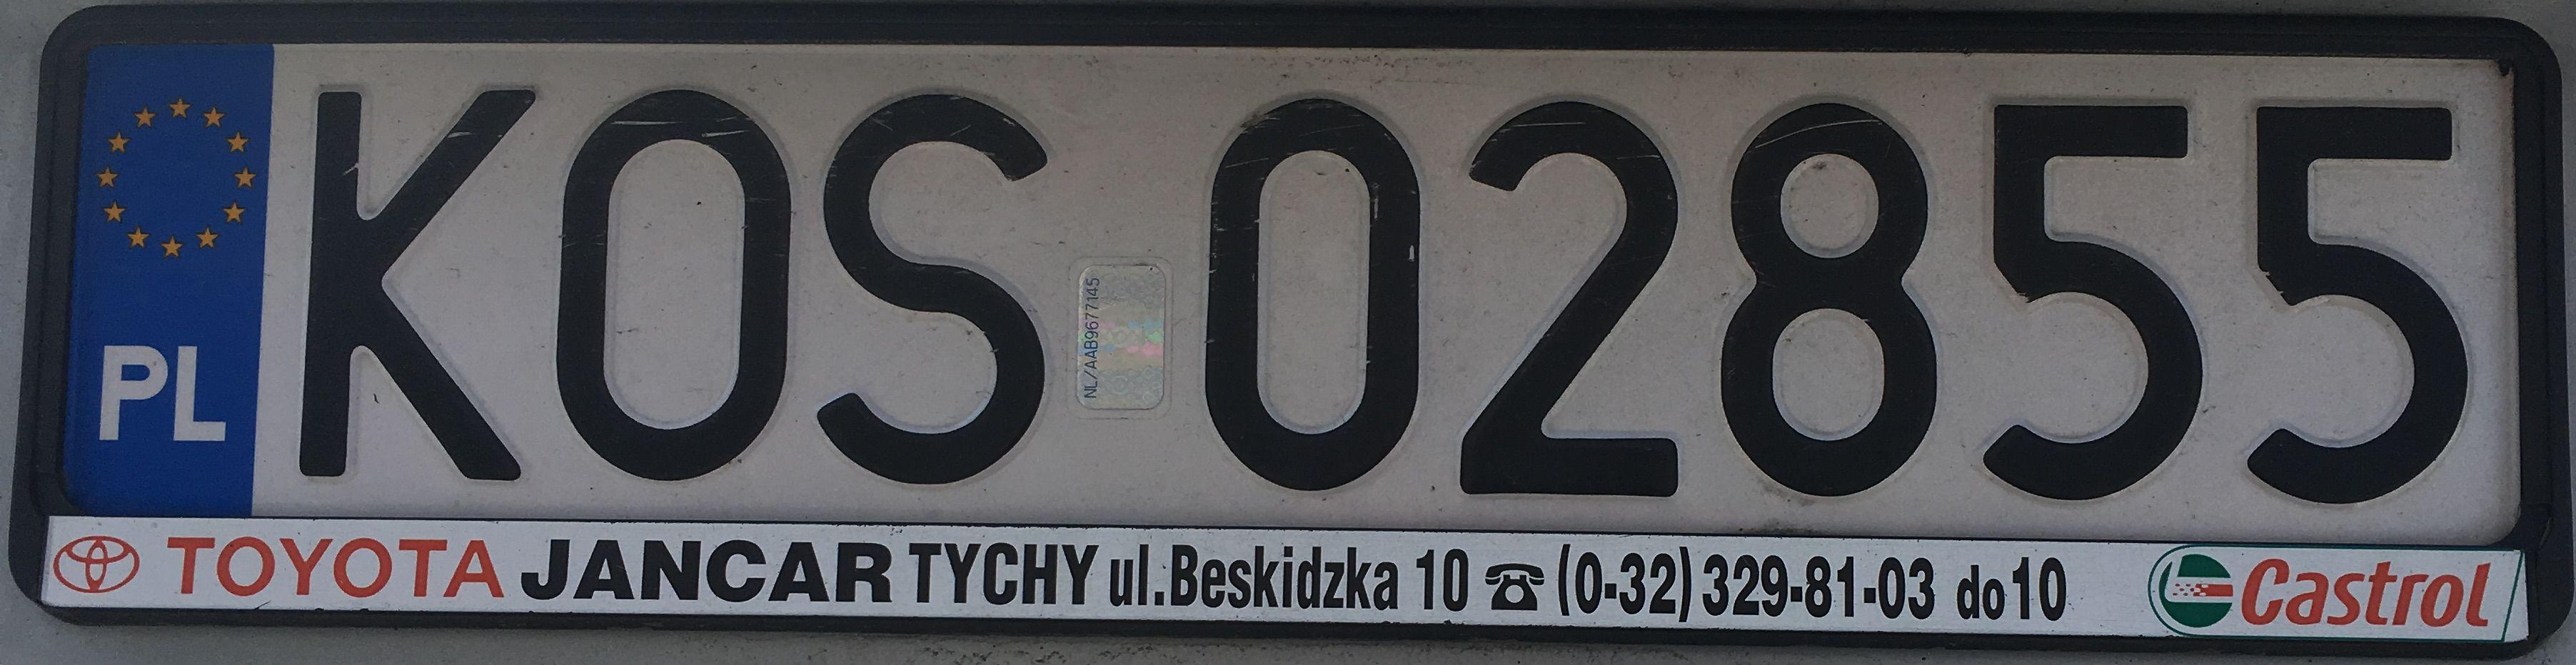 Registrační značka Polsko – KOS – Oświęcim, foto: www.podalnici.cz